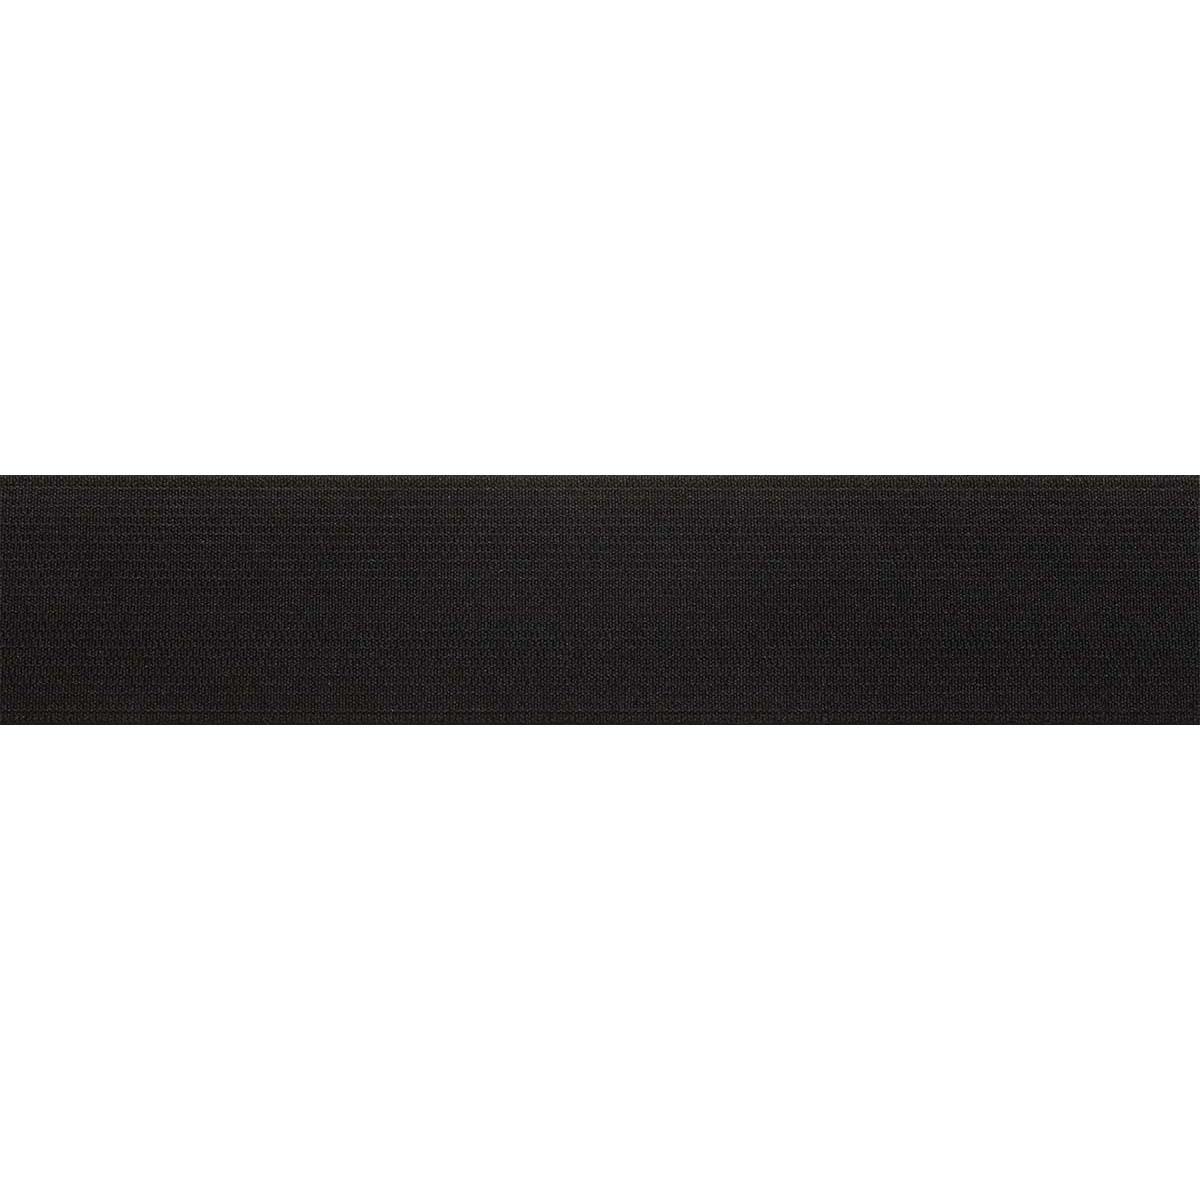 955410 Эластичная лента мягк.35мм черн.10м Prym